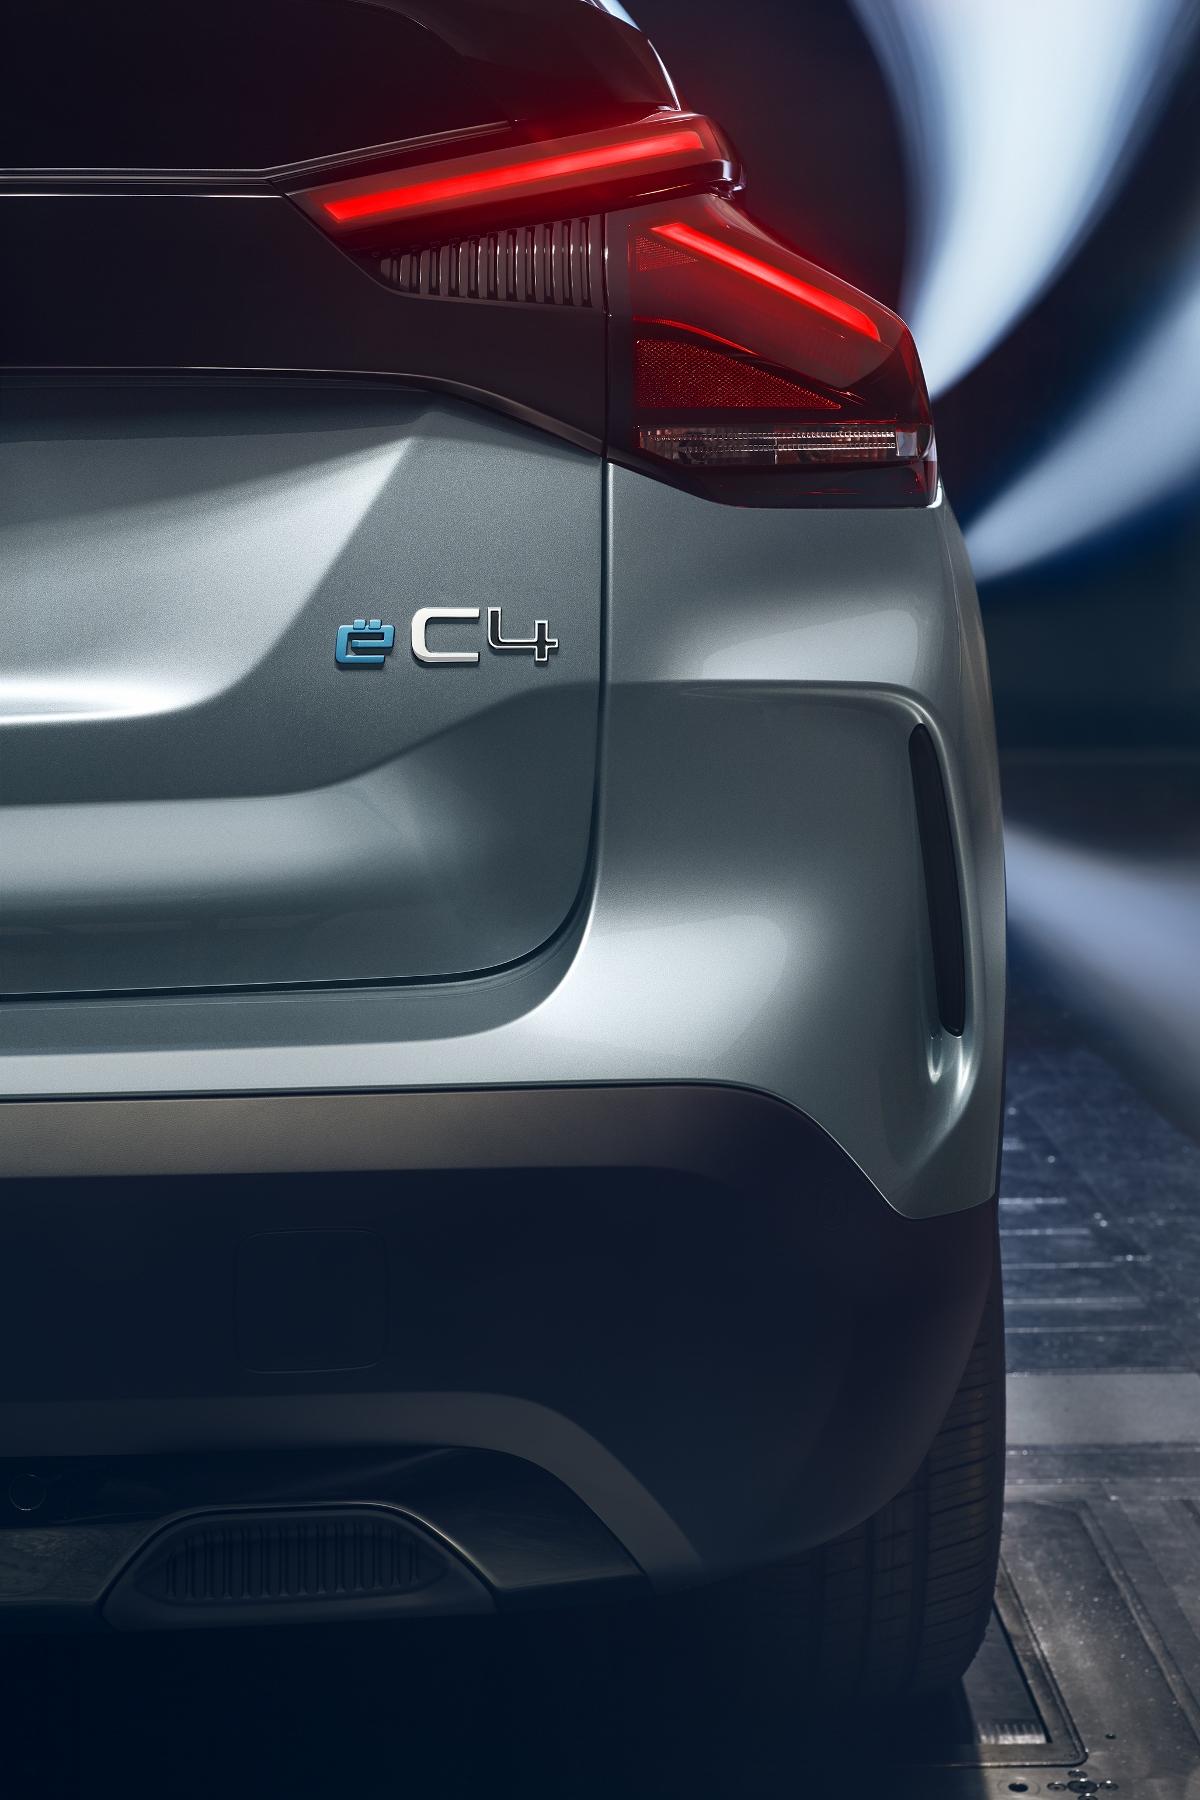 Citroen C4 dostal výrazný nový dizajn 8zcye4To7d citroen-c4-4